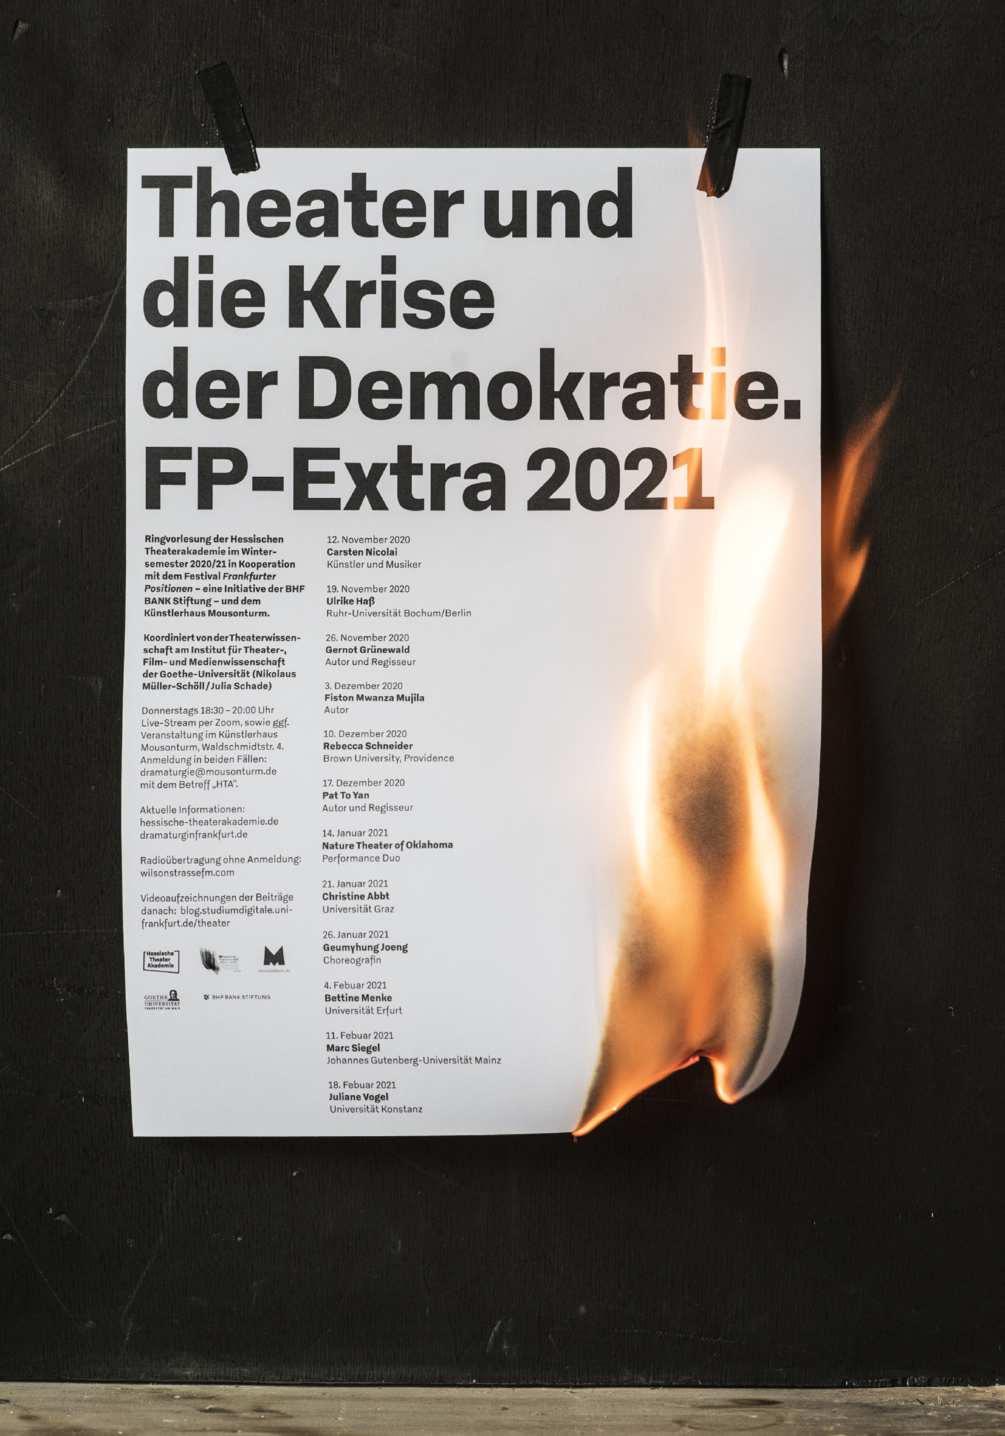 krise-der-demokratie-photo-02-1005x1436px